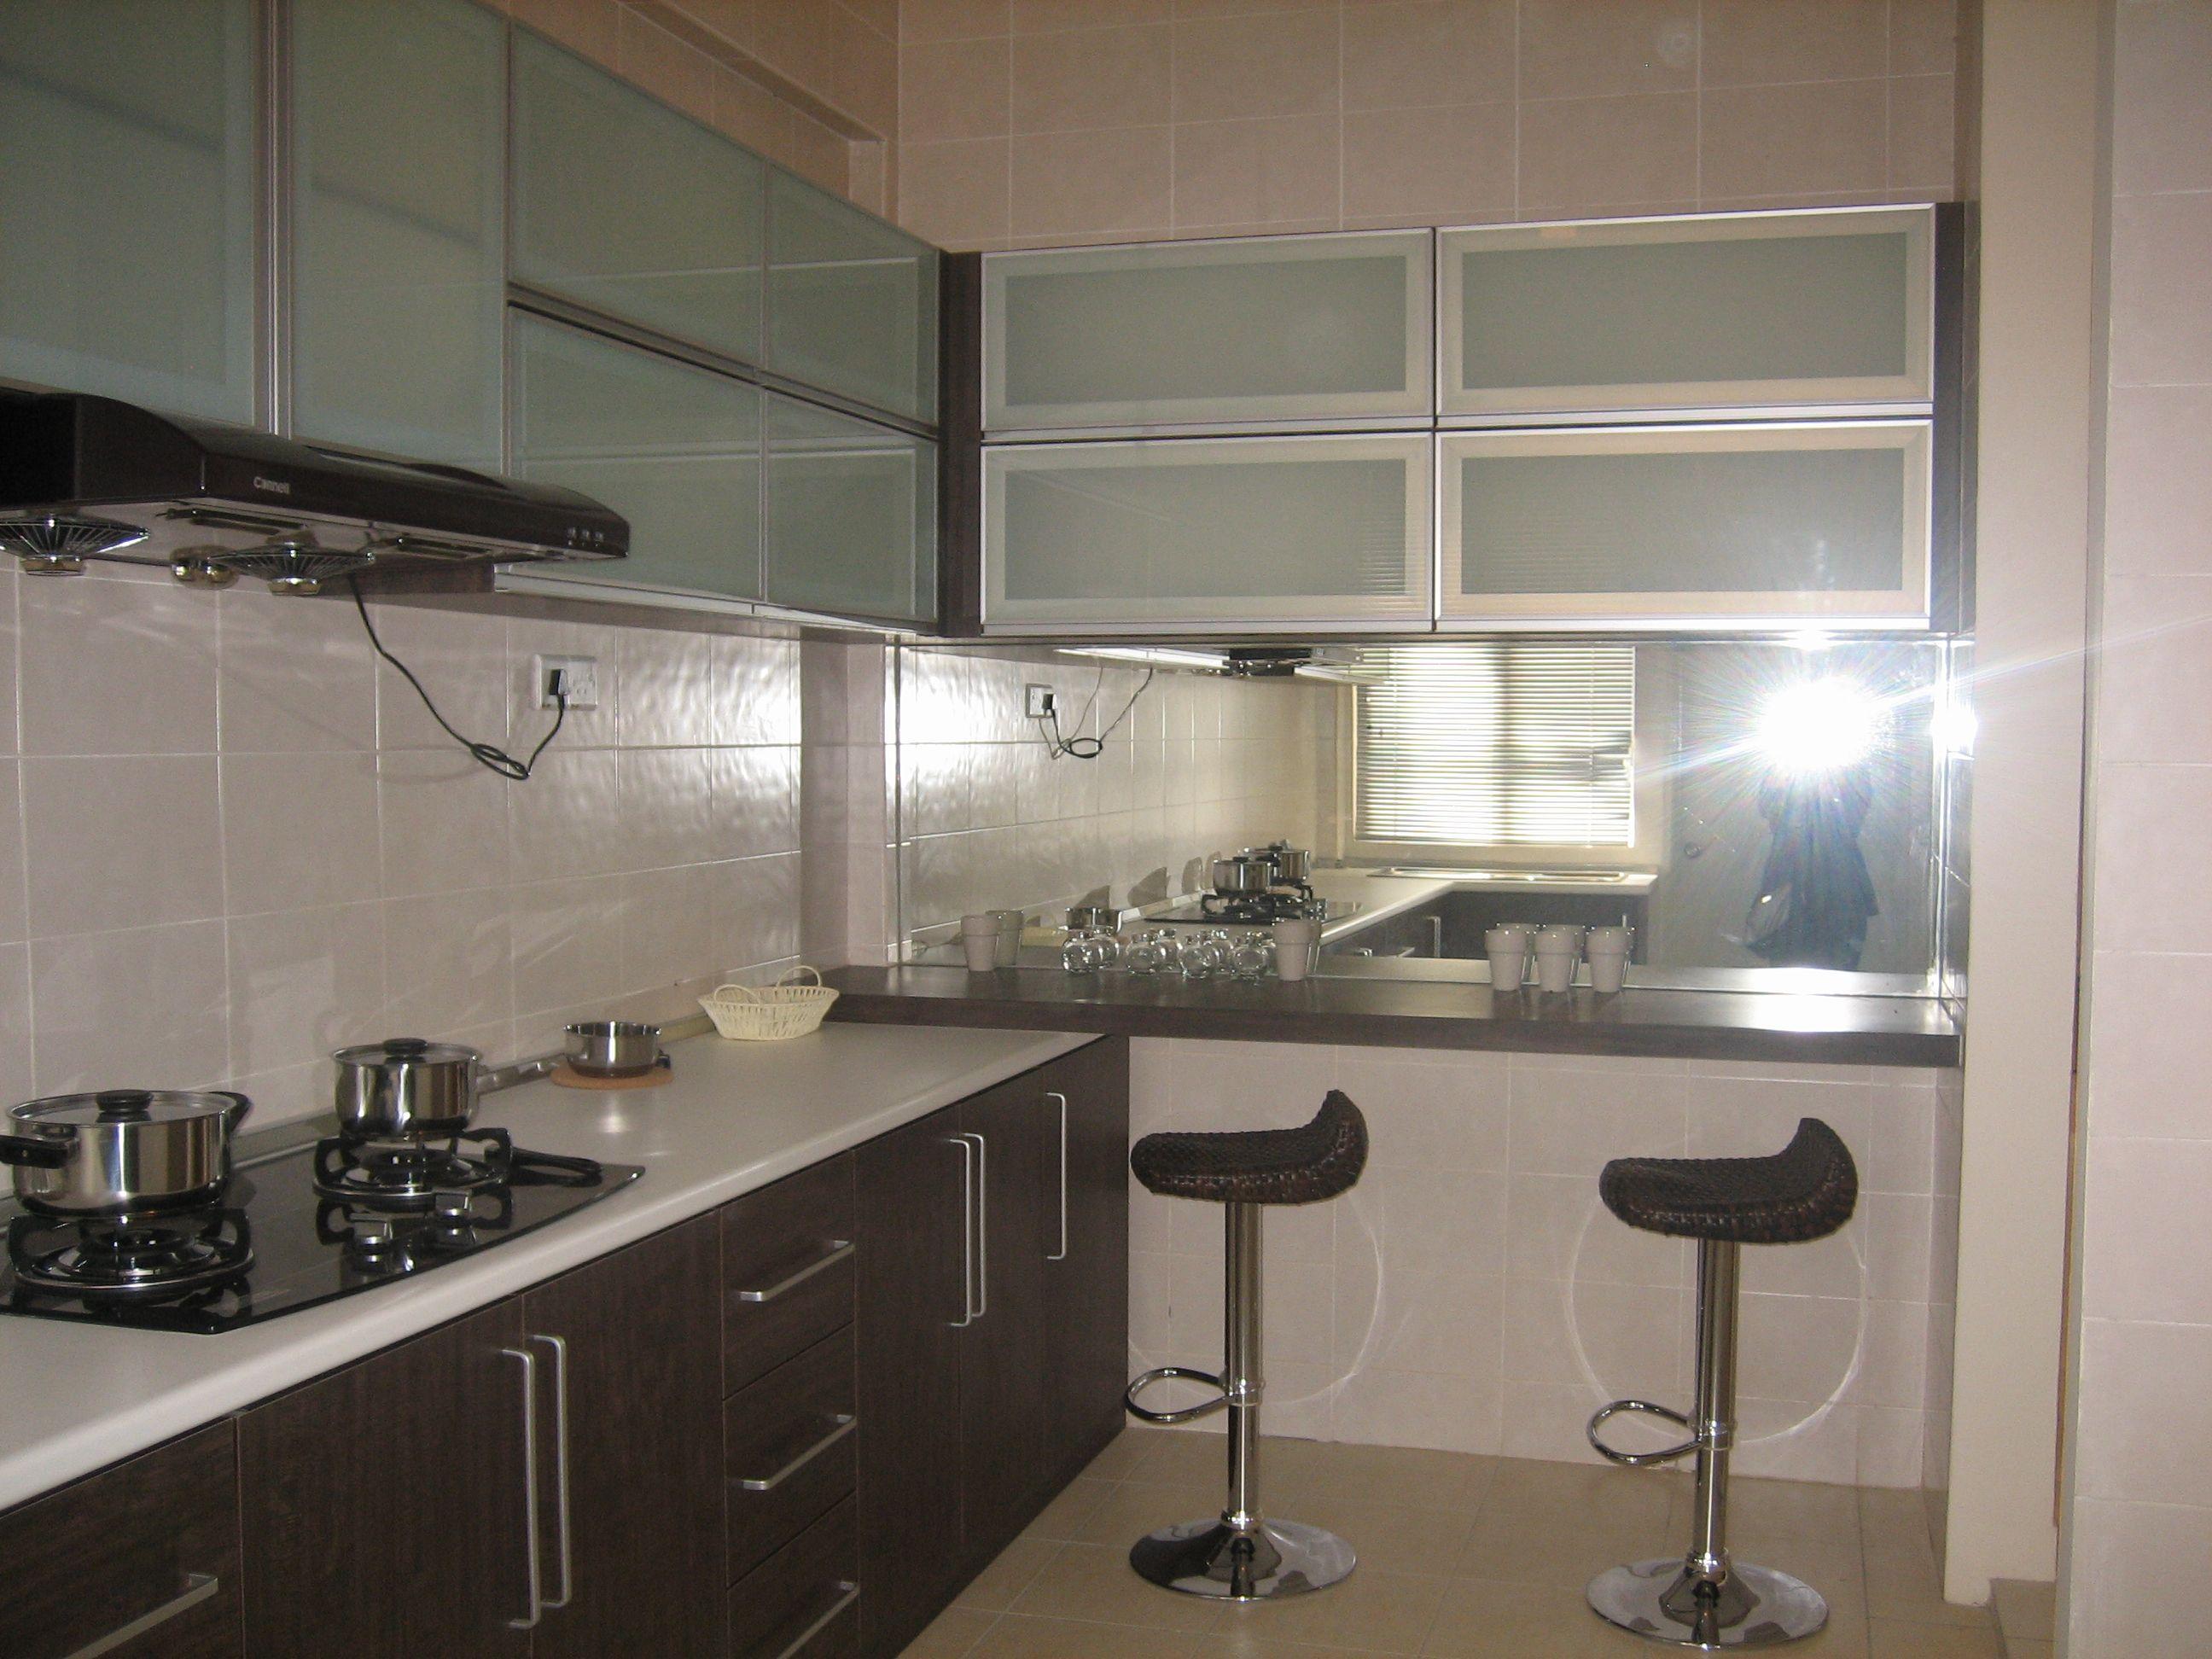 Klirrend Spiegel Backsplash Küche Deko Ideen Und Fotos Oft Aufgerufen, über  Die Bemerkung Zum Beispiel, Backsplash Für Die Küche Wände Thema, Dann Spie.